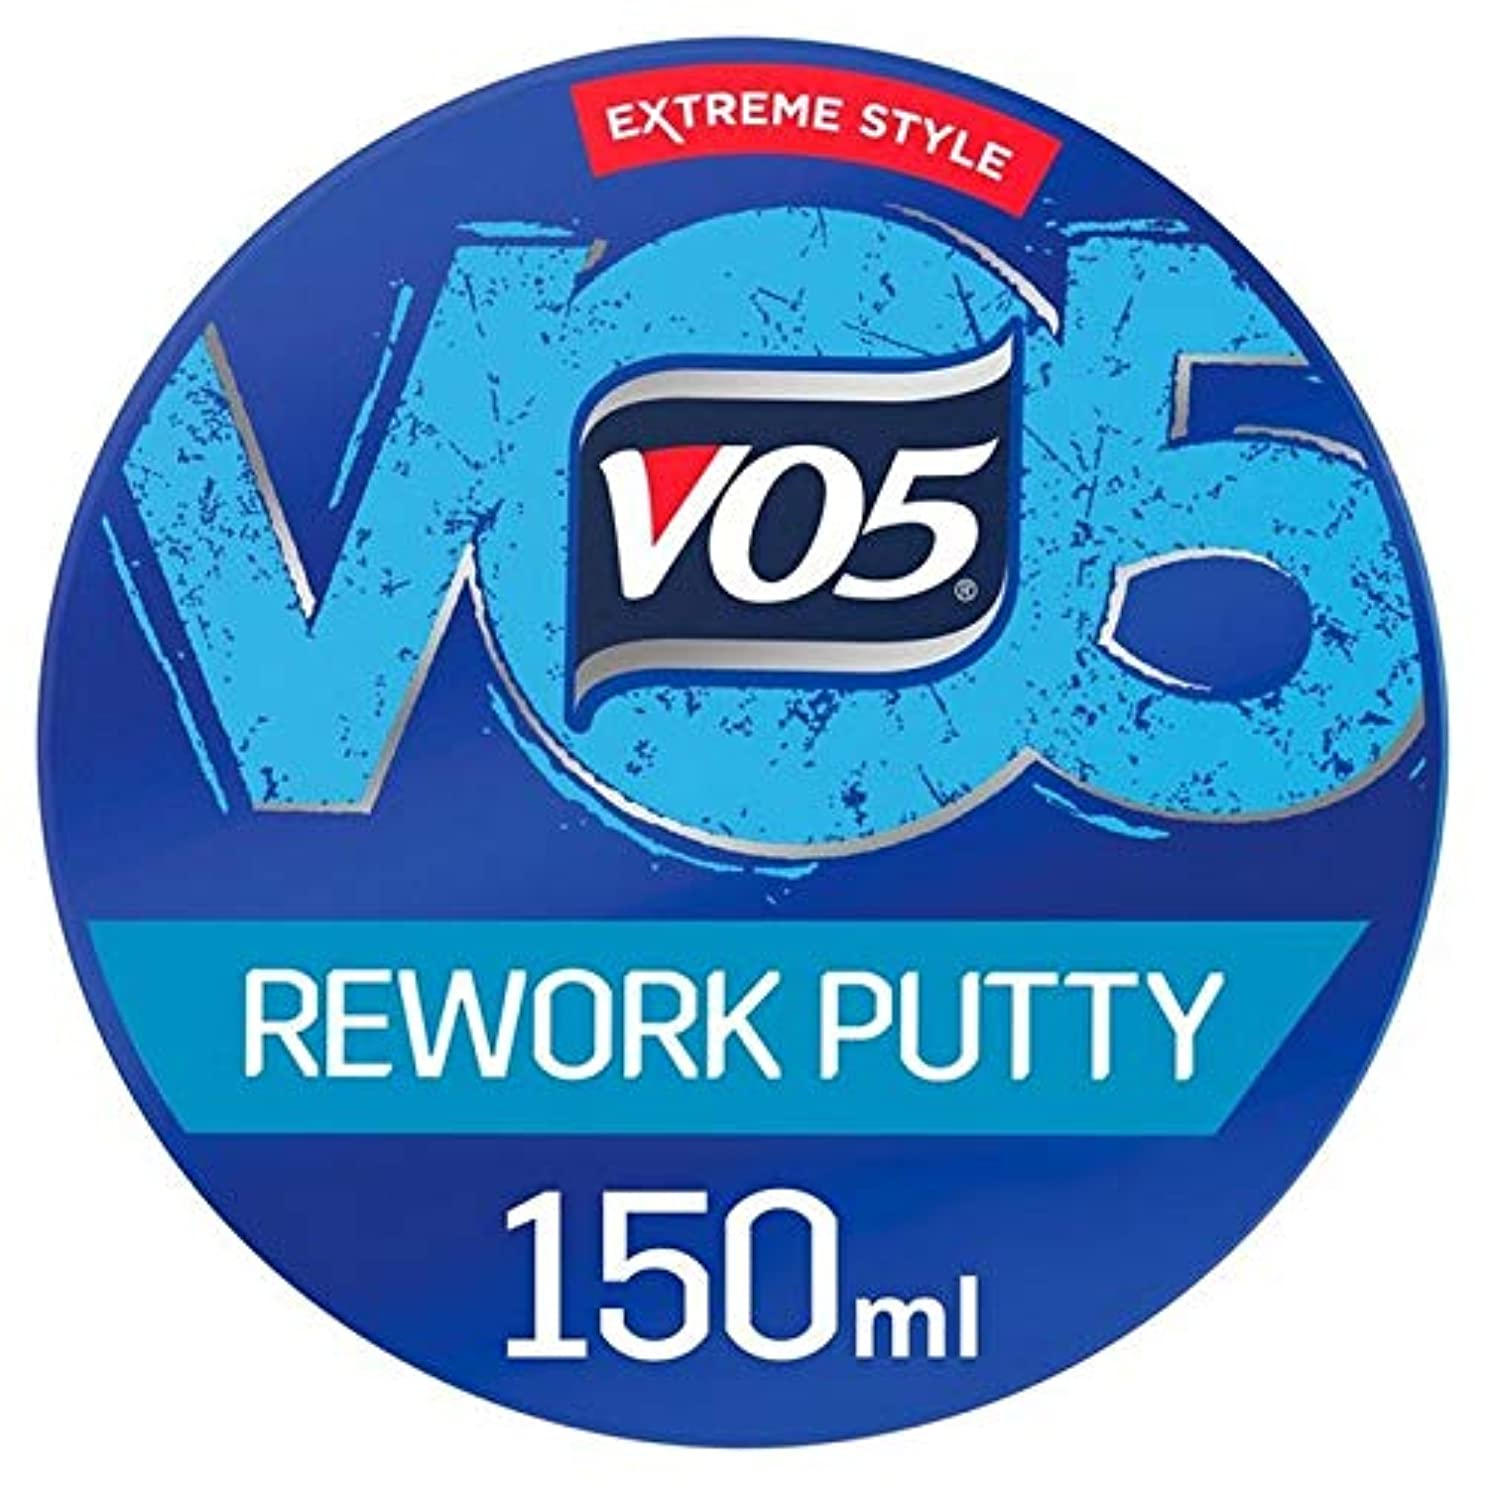 野菜誤宴会[VO5] Vo5極端なスタイルリワークパテ150ミリリットル - VO5 Extreme Style Rework Putty 150ml [並行輸入品]